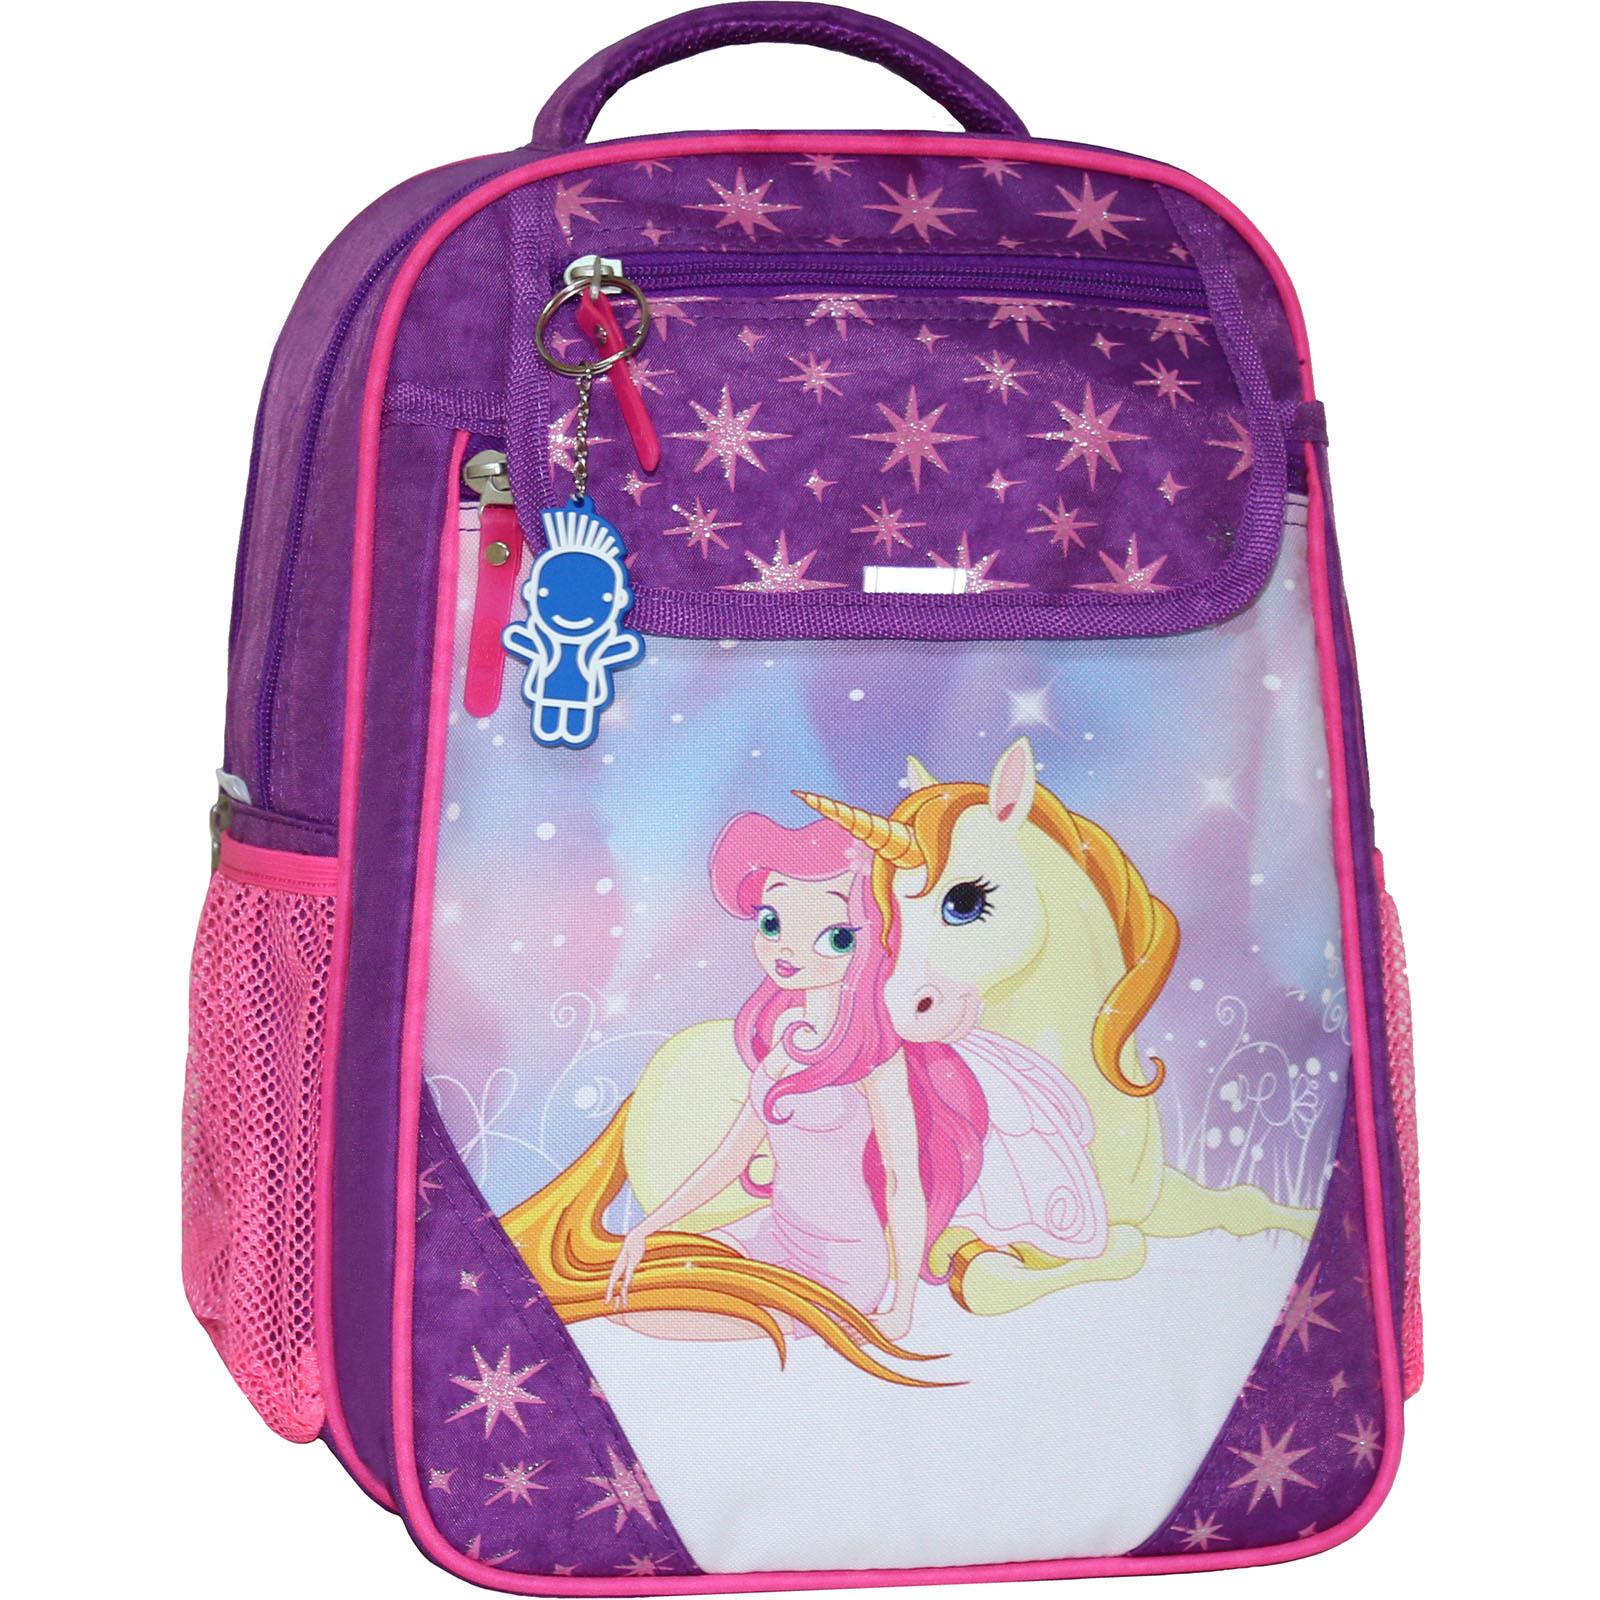 Школьные рюкзаки Рюкзак школьный Bagland Отличник 20 л. 339 фиолетовый 387 (0058070) IMG_5475_387_.JPG